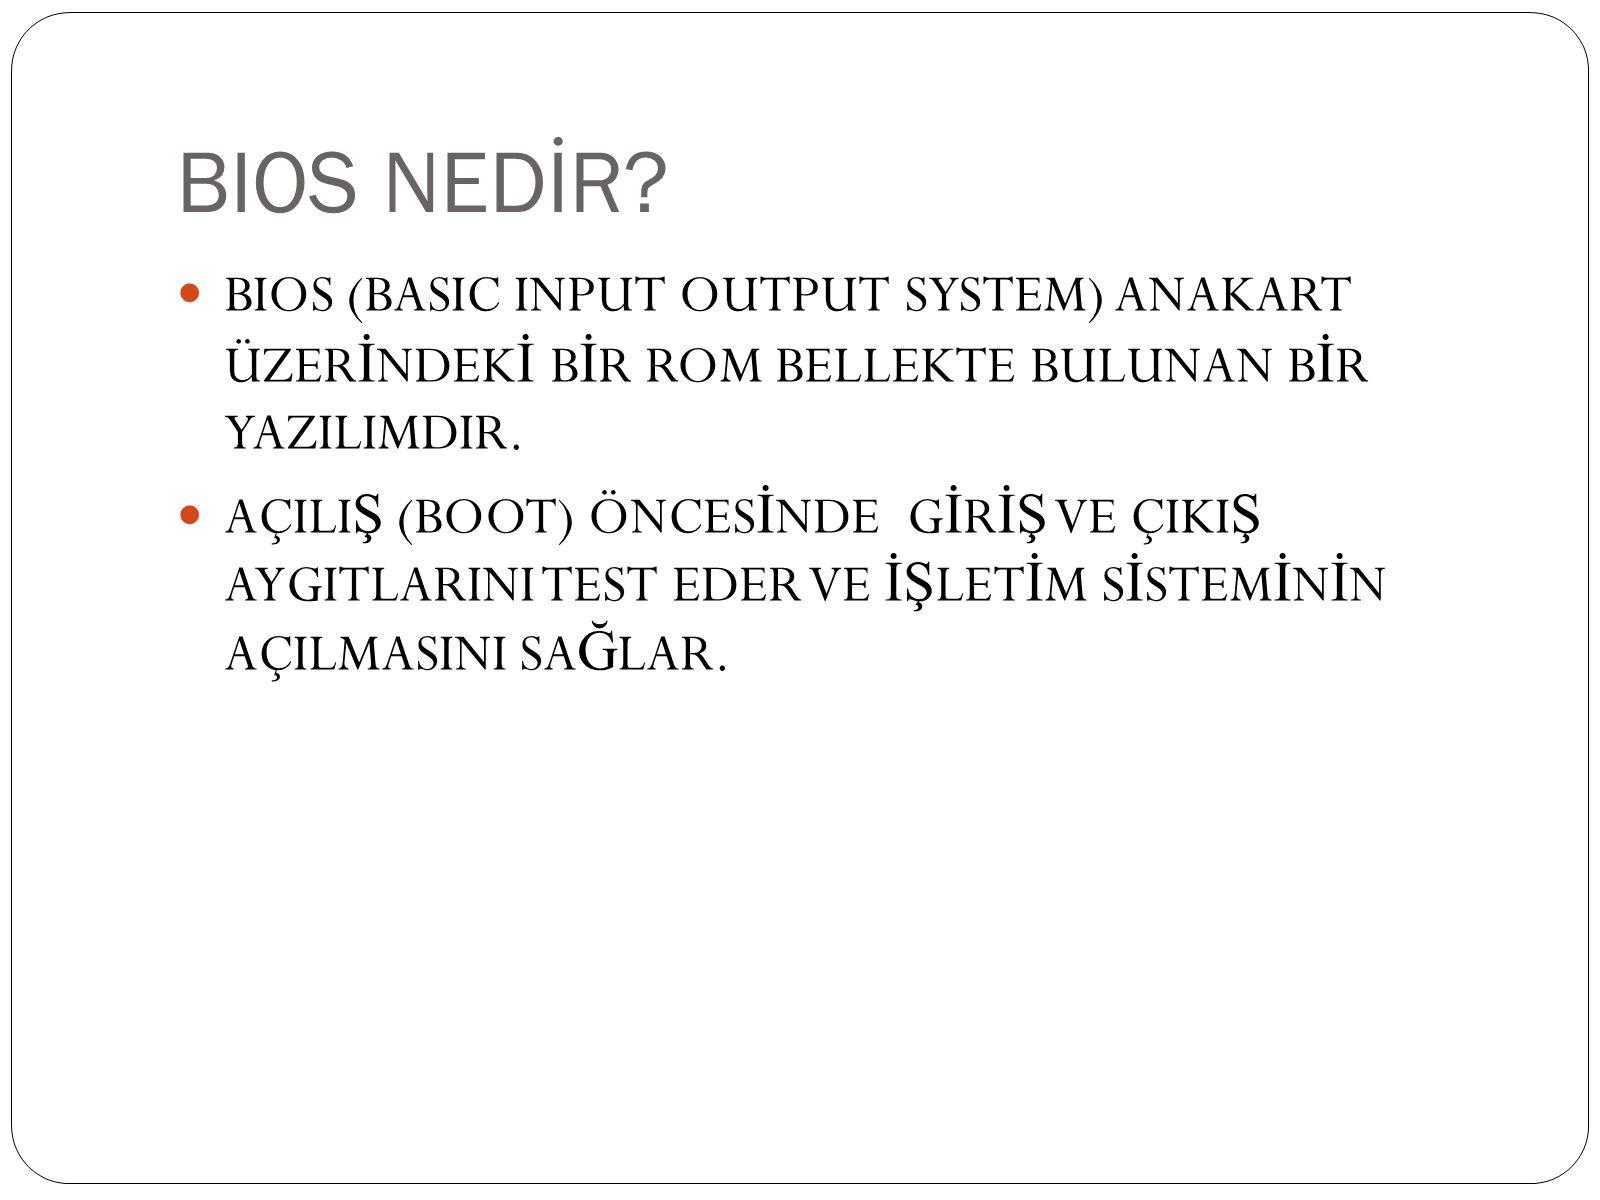 BIOS NEDİR?  BIOS (BASIC INPUT OUTPUT SYSTEM) ANAKART ÜZER İ NDEK İ B İ R ROM BELLEKTE BULUNAN B İ R YAZILIMDIR.  AÇILI Ş (BOOT) ÖNCES İ NDE G İ R İ